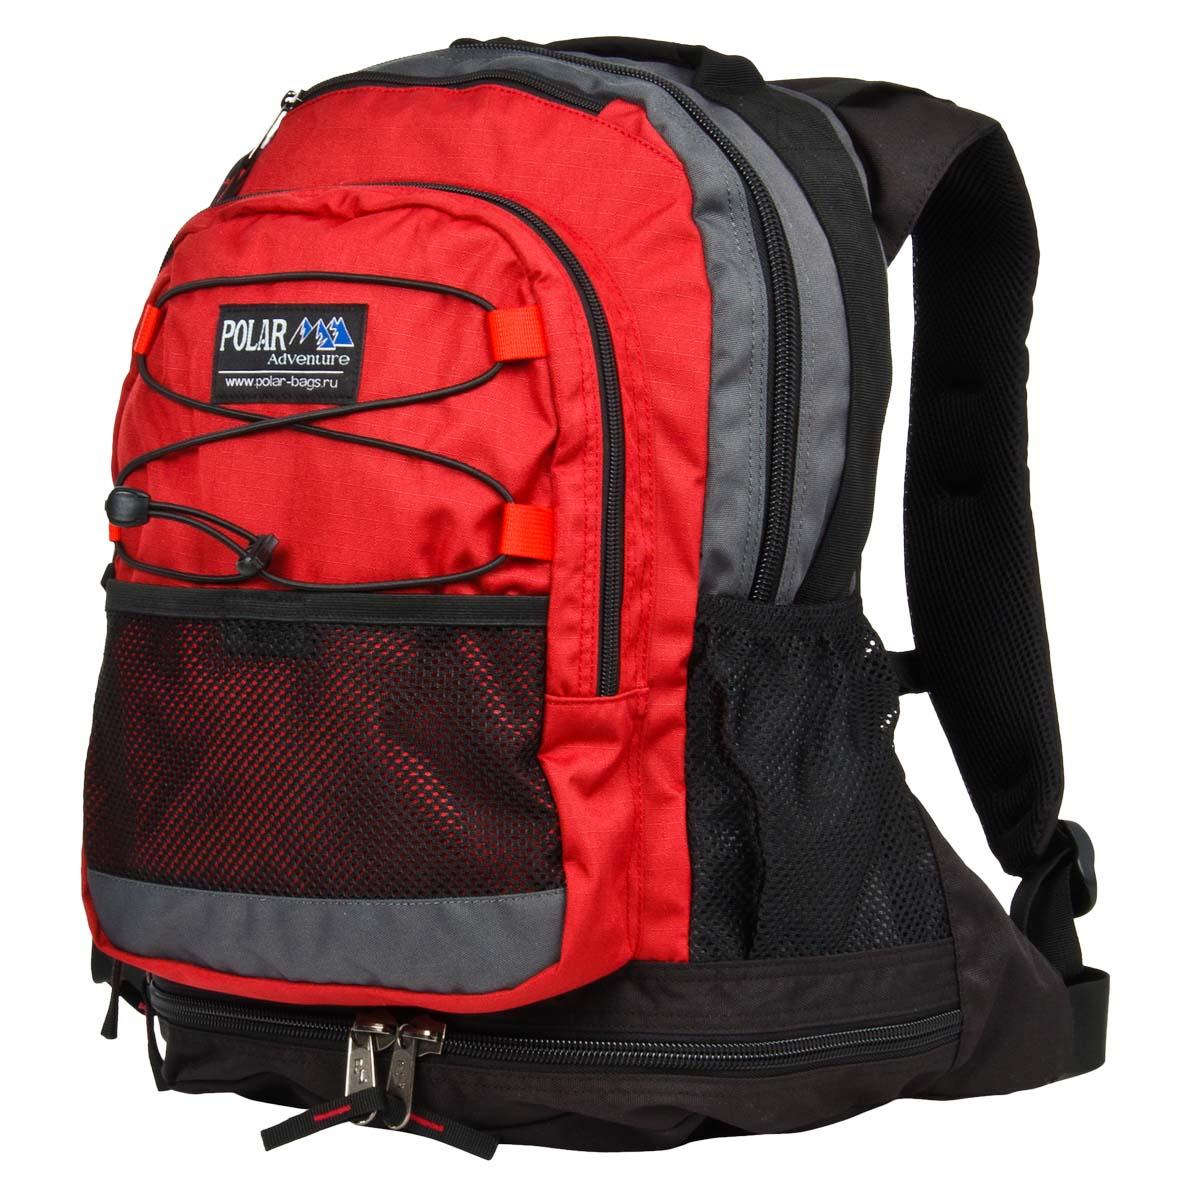 Рюкзак городской Polar, цвет: бордовый, 25 л. П178-14 рюкзак городской polar цвет синий 16 л п7074 04 page 9